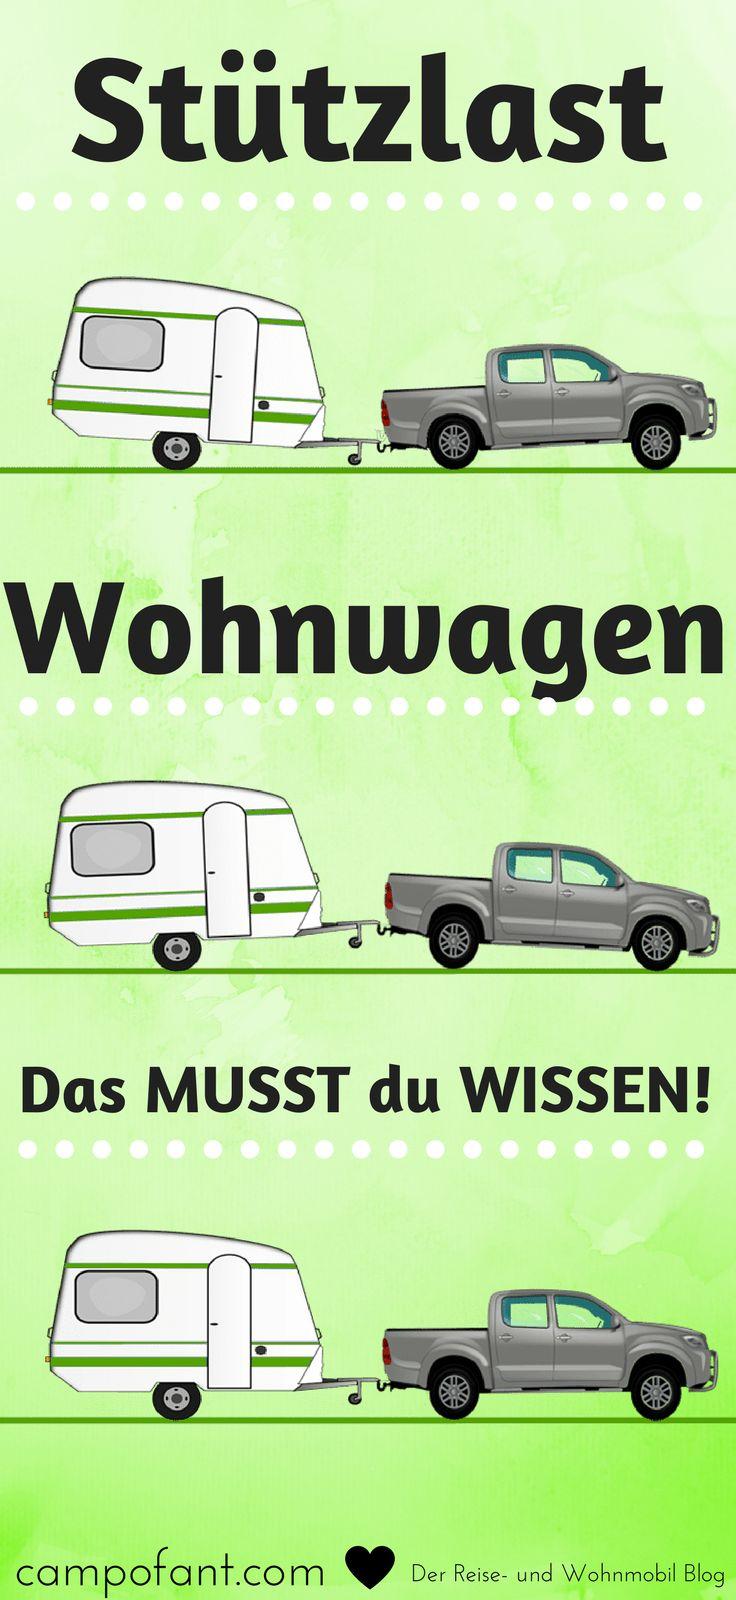 Stützlast Wohnwagen und Anhänger, was gibts zu beachten – CAMPOFANT, der Reise- und Wohnmobil Blog: Camping / Wohnmobil / Vanlife / Reiseberichte / Reiseinfos